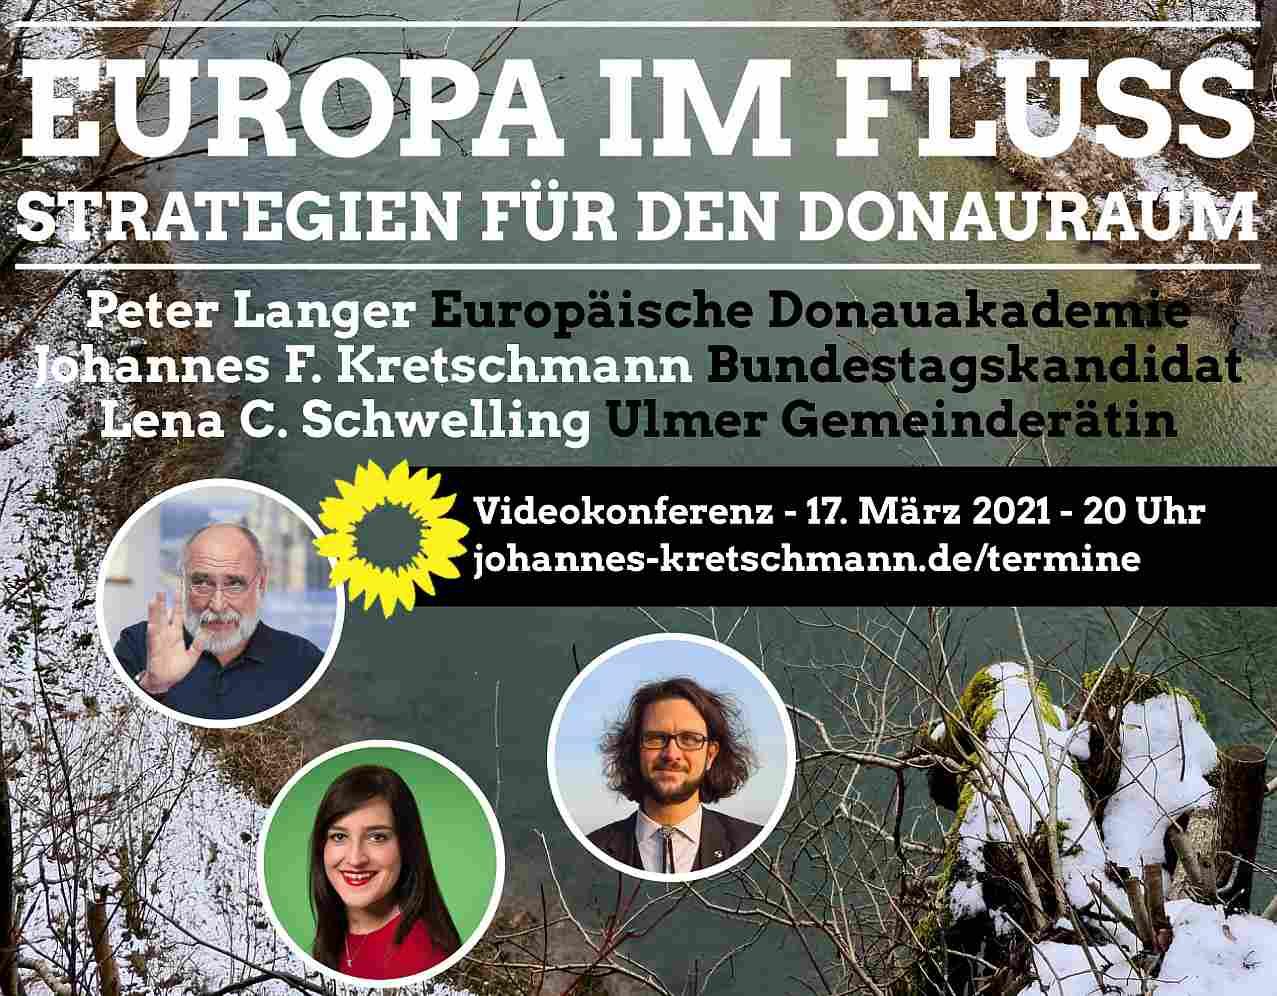 Europa im Fluß – Strategien für den Donauraum